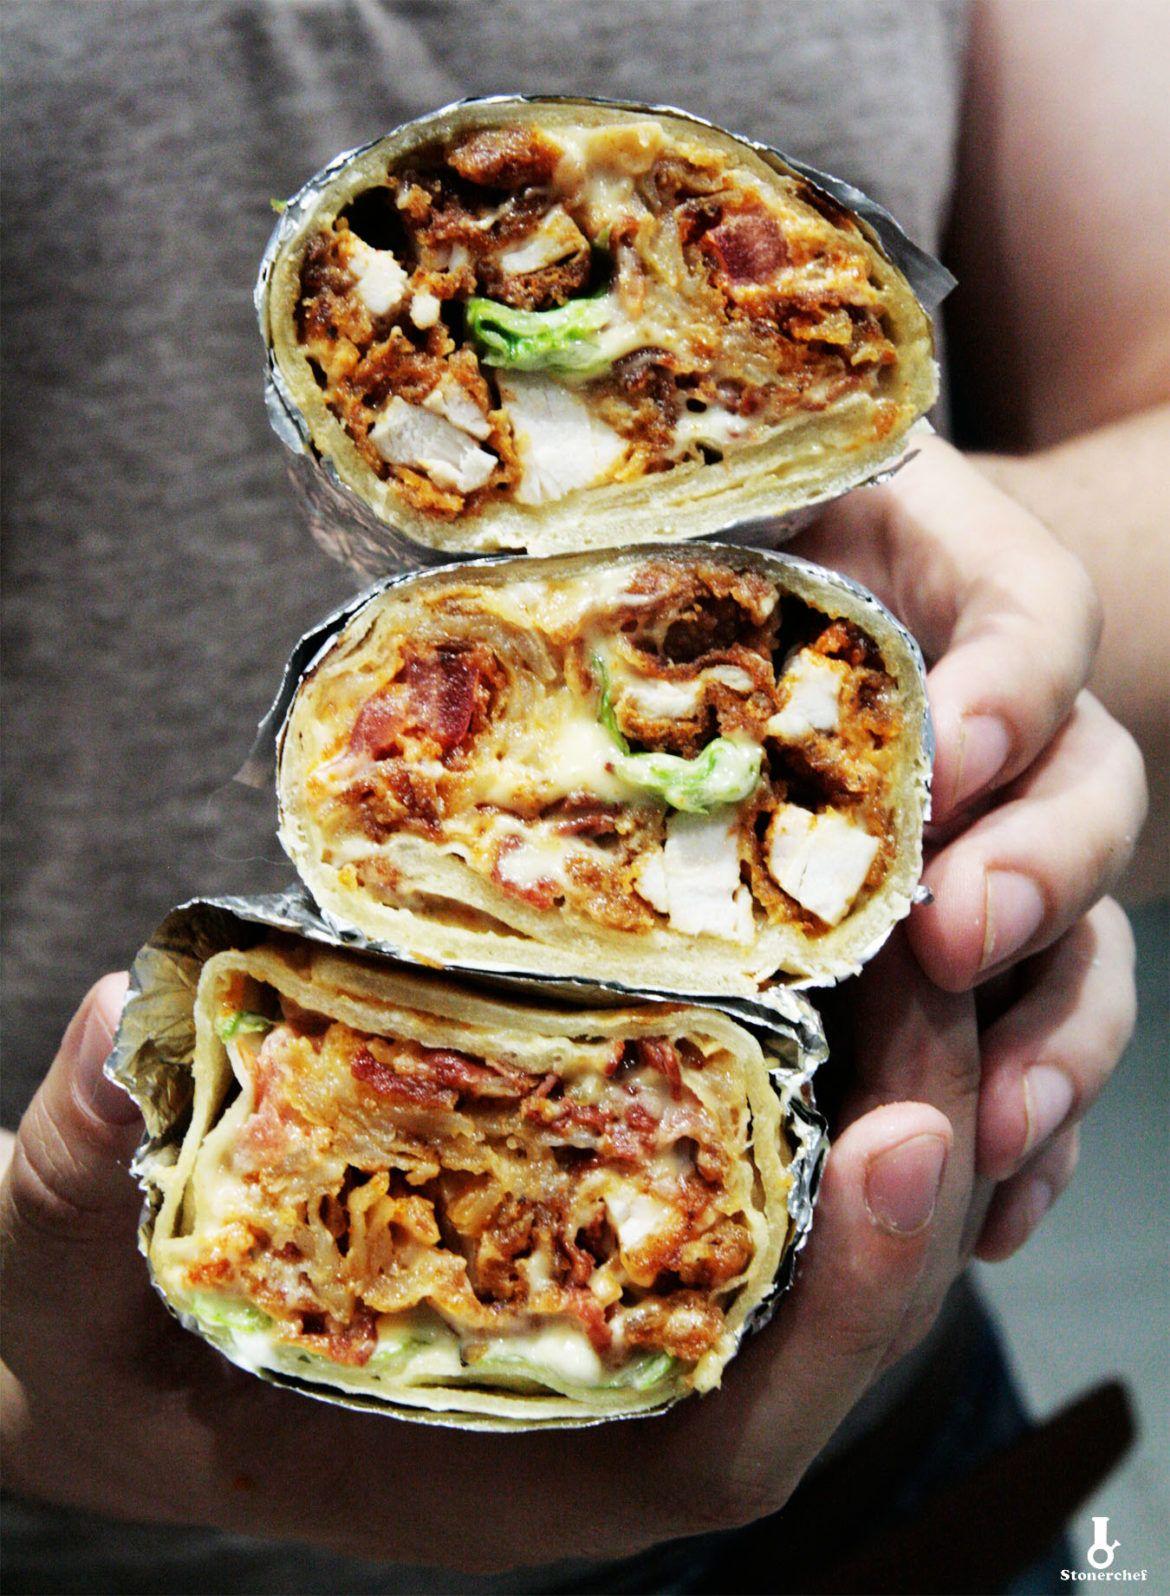 Burrito Ze Stripsami Z Kurczaka Sosem Serowym I Majonezem Wasabi Stonerchef Recipe Culinary Recipes Food Receipes Cooking